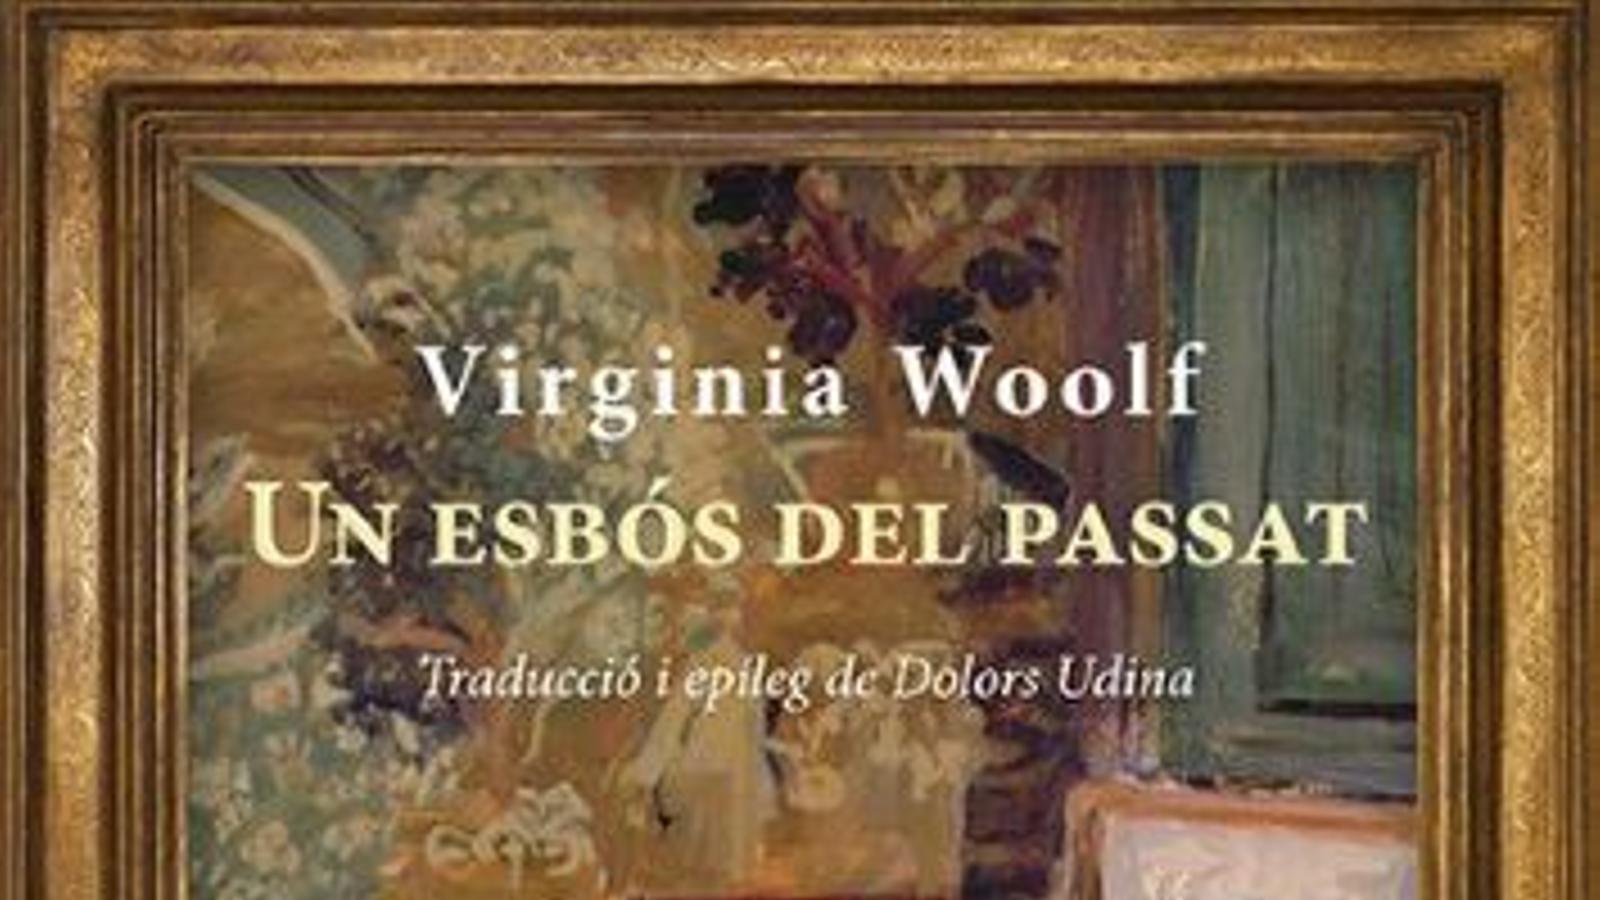 'Un esbós del passat', de Virginia Woolf